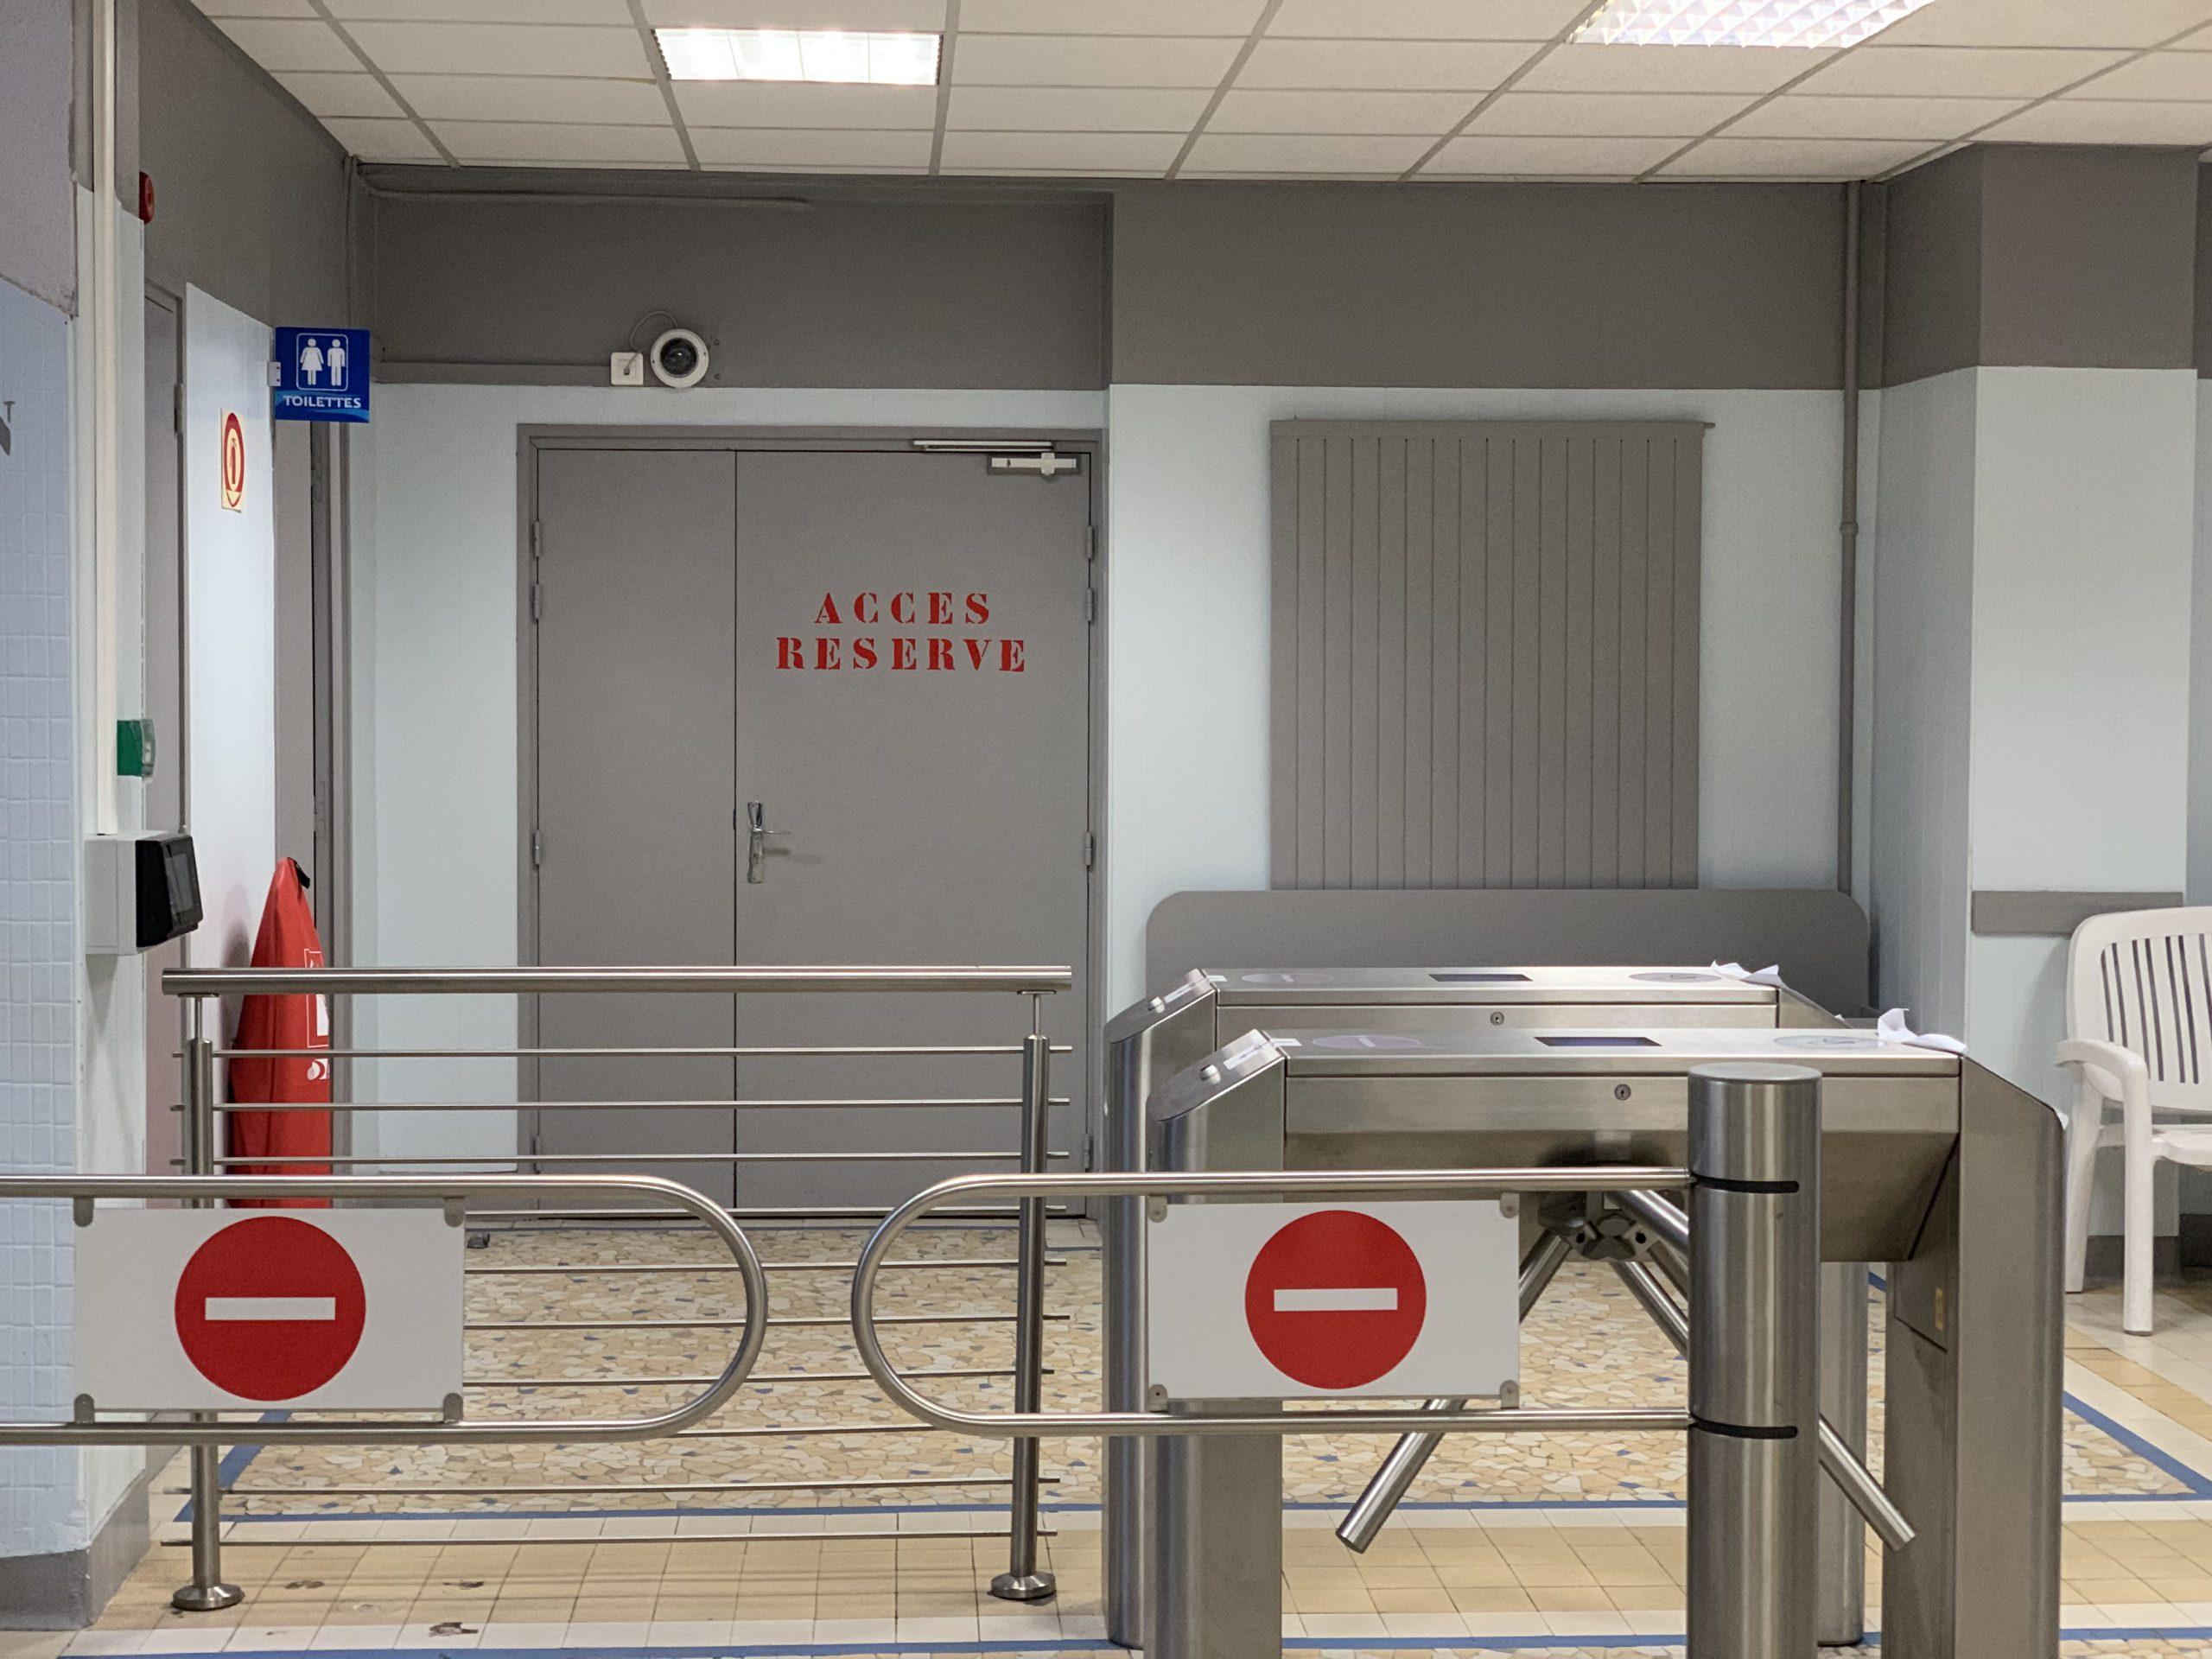 File:piscine Garibaldi (Lyon) - Accès Réservé.jpg ... intérieur Piscine Garibaldi Lyon